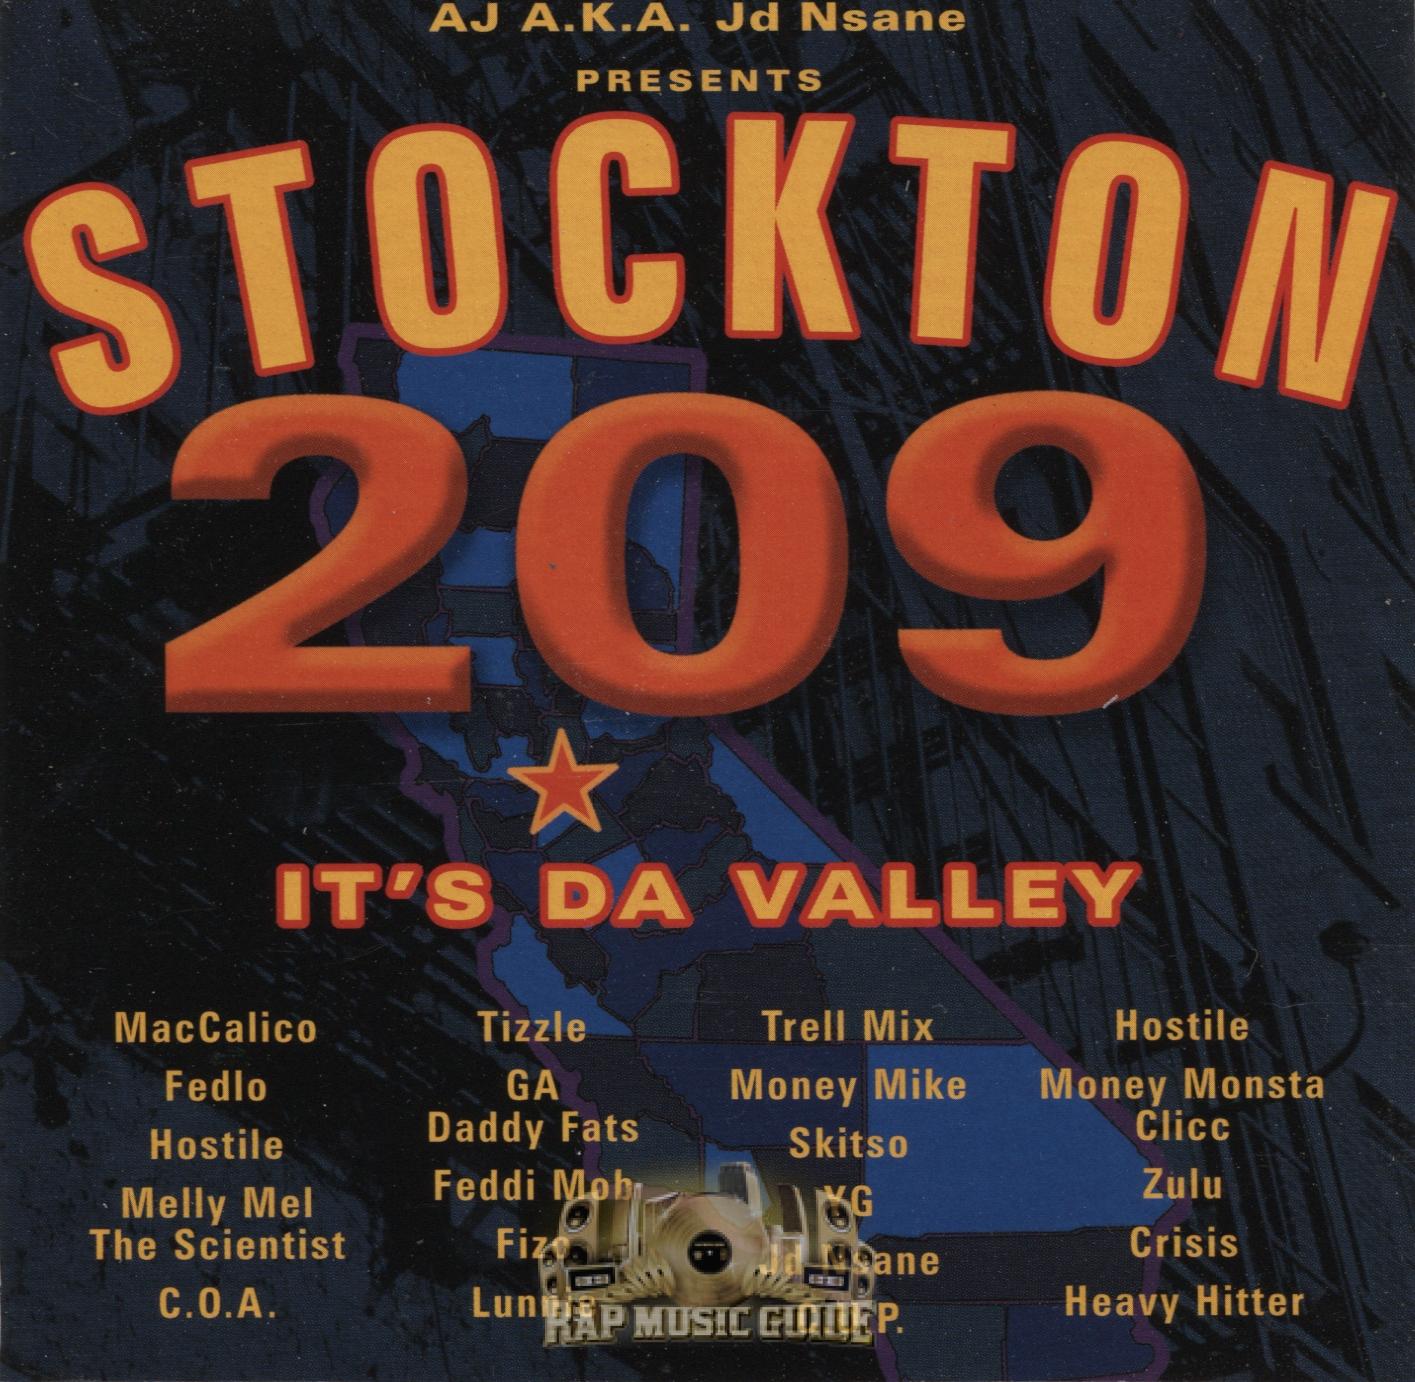 Stockton Its Da Valley CD Rap Music Guide - Where is area code 209